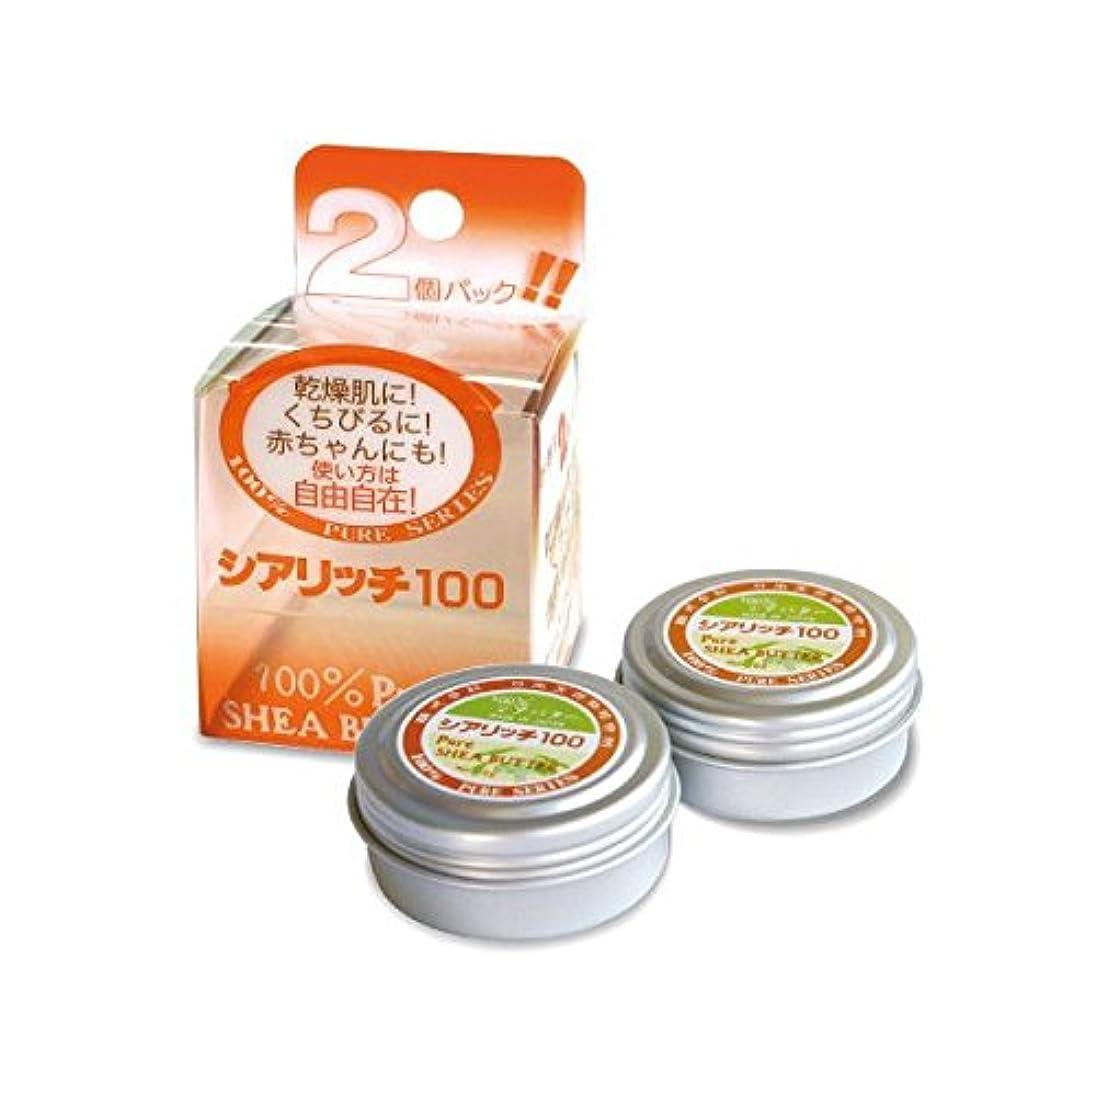 ファランクス恵み成長する日本天然物研究所 シアリッチ100 (8g×2個入り)【単品】(無添加100%シアバター)無香料